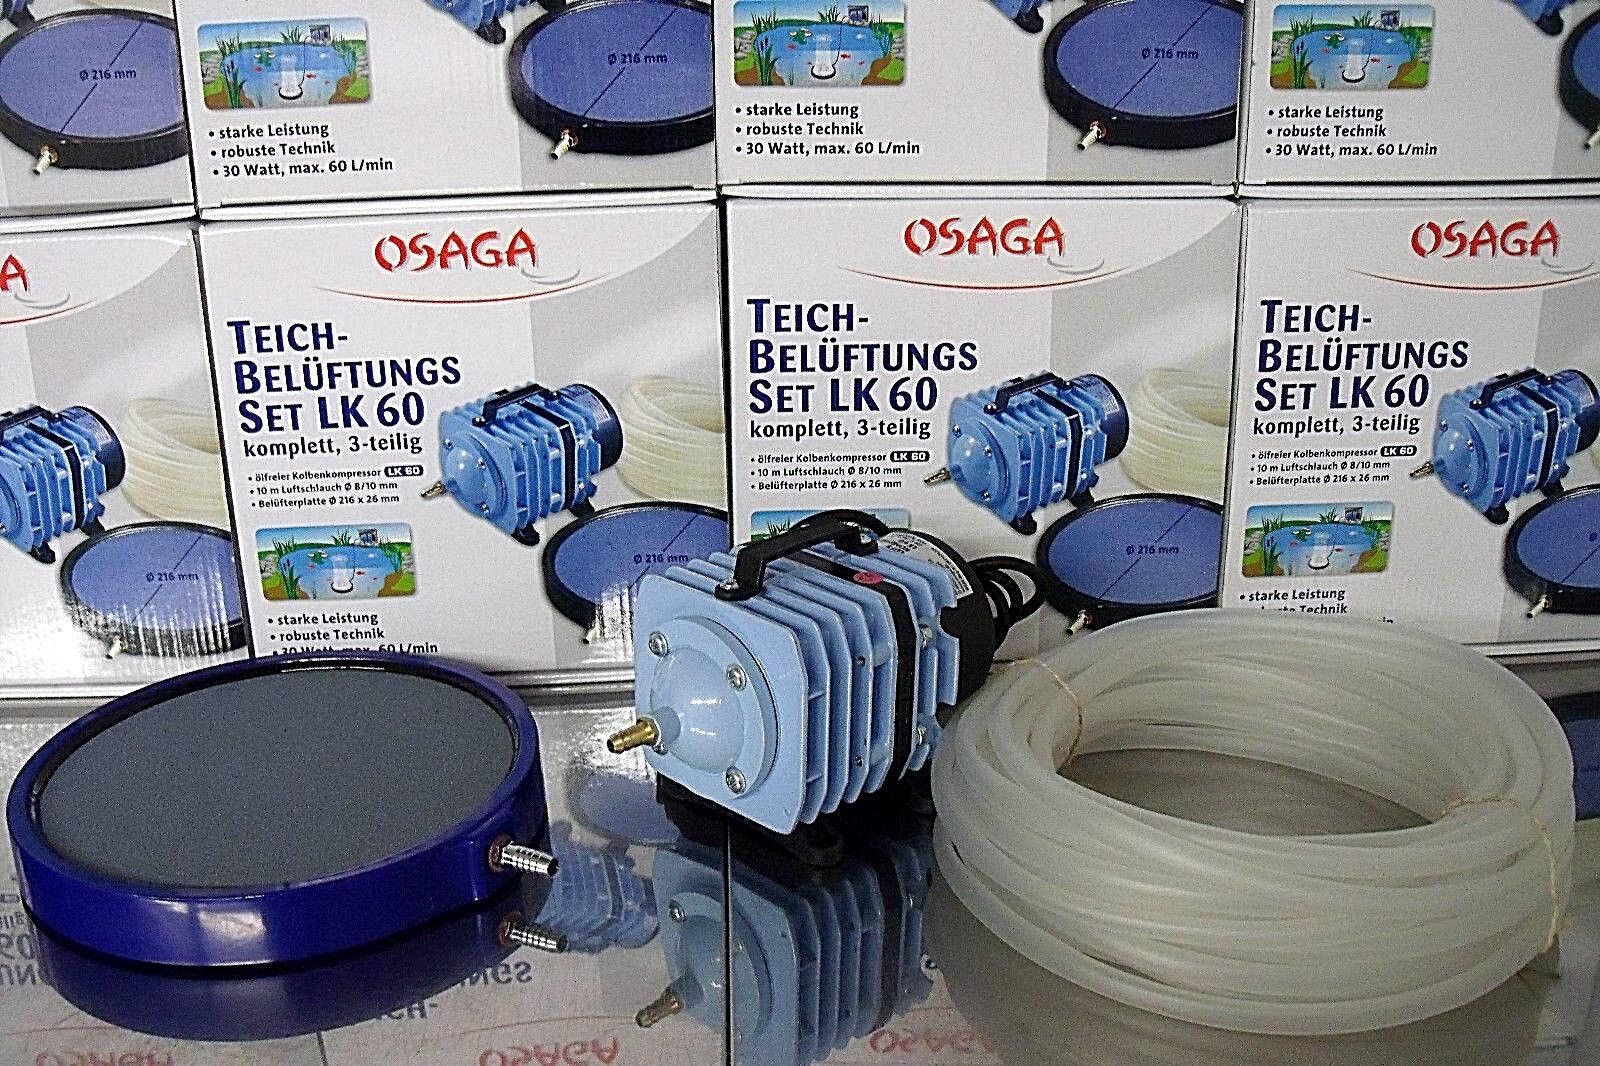 Osaga LK-60 Set Sauerstoffpumpe Teichbelüfter Belüfter Ausströmer Platte Ø 20 cm